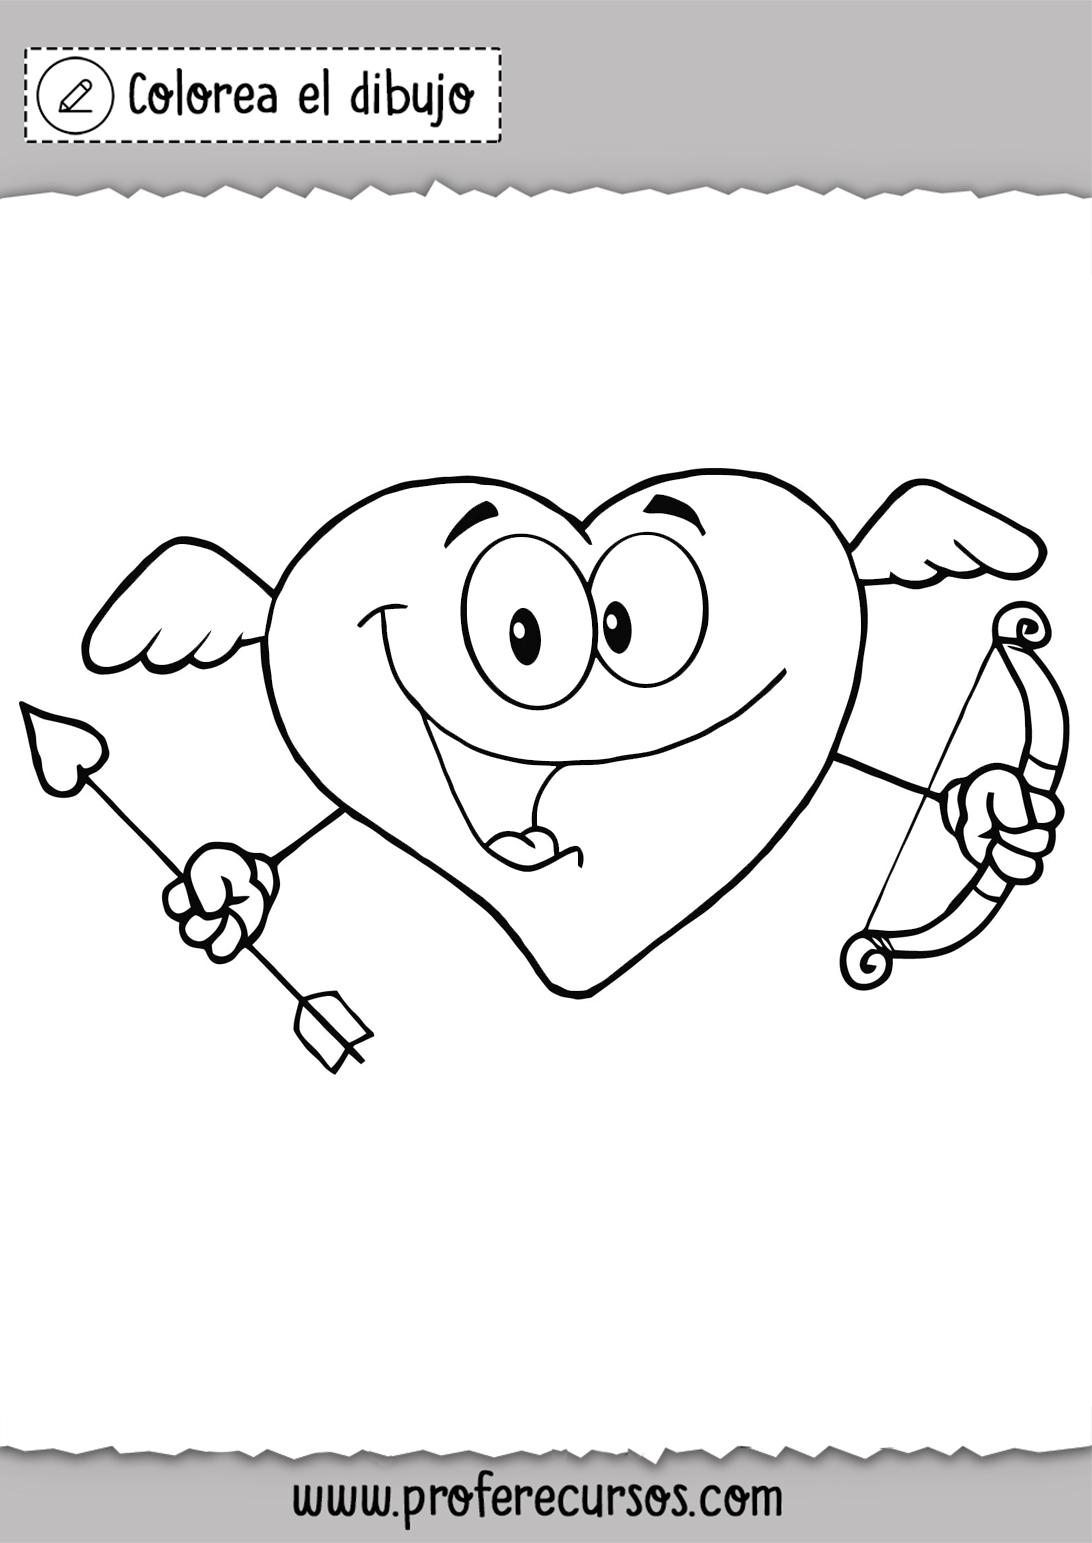 Dibujos de Corazon con arco y flecha para colorear